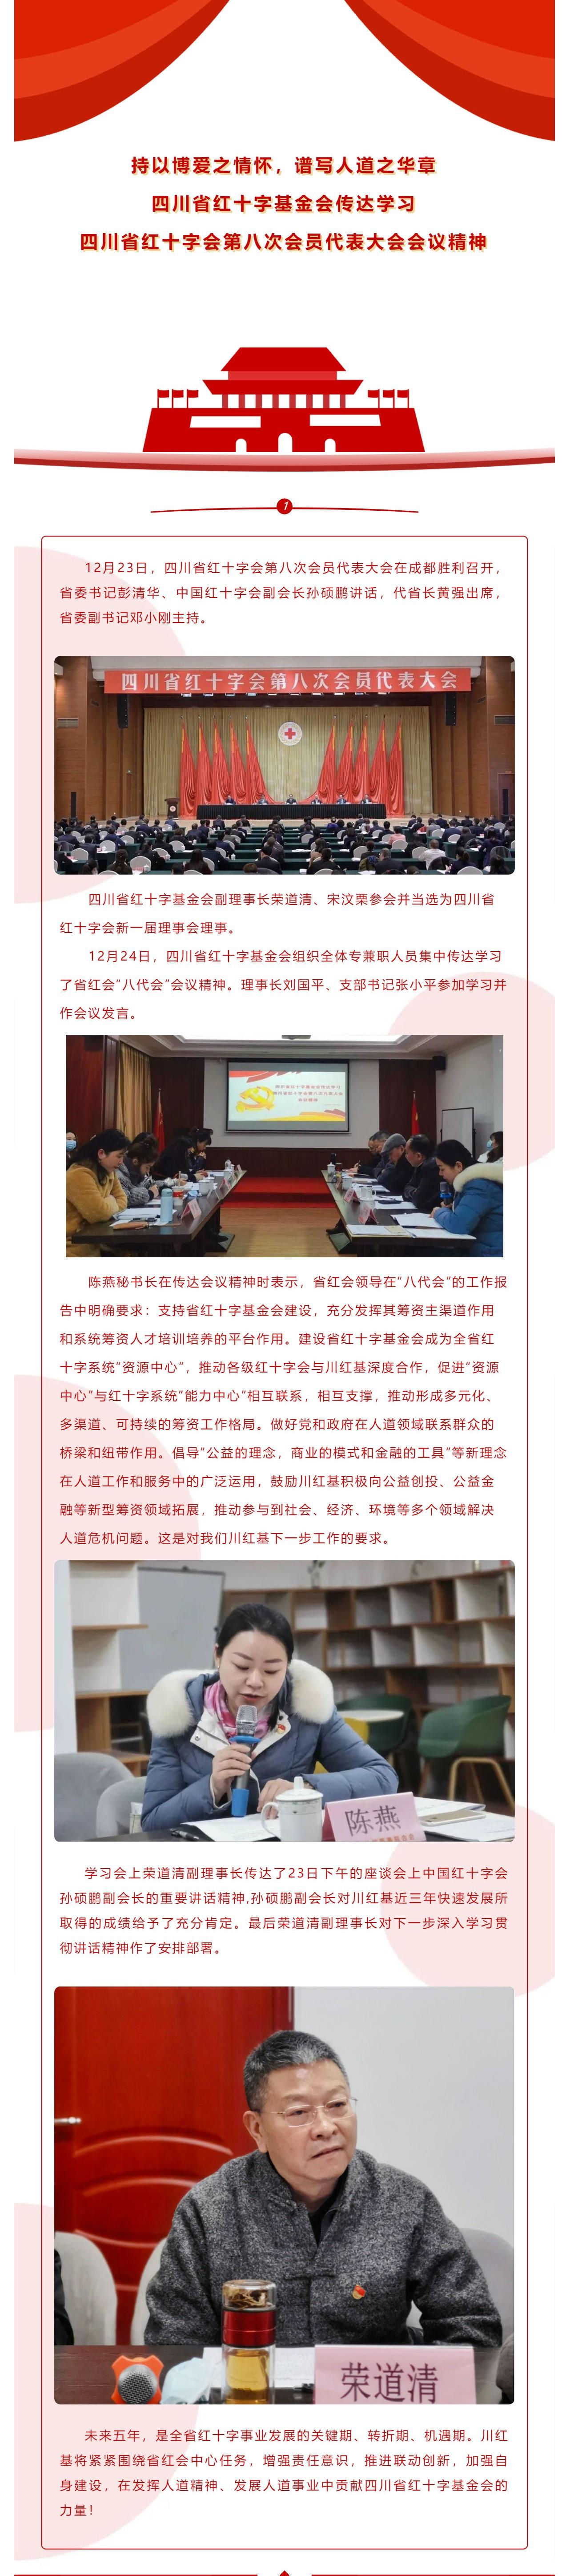 四川省红十字基金会转达进修四川省红十字会第八次会员代表大会集会精力_壹伴长图1.jpg